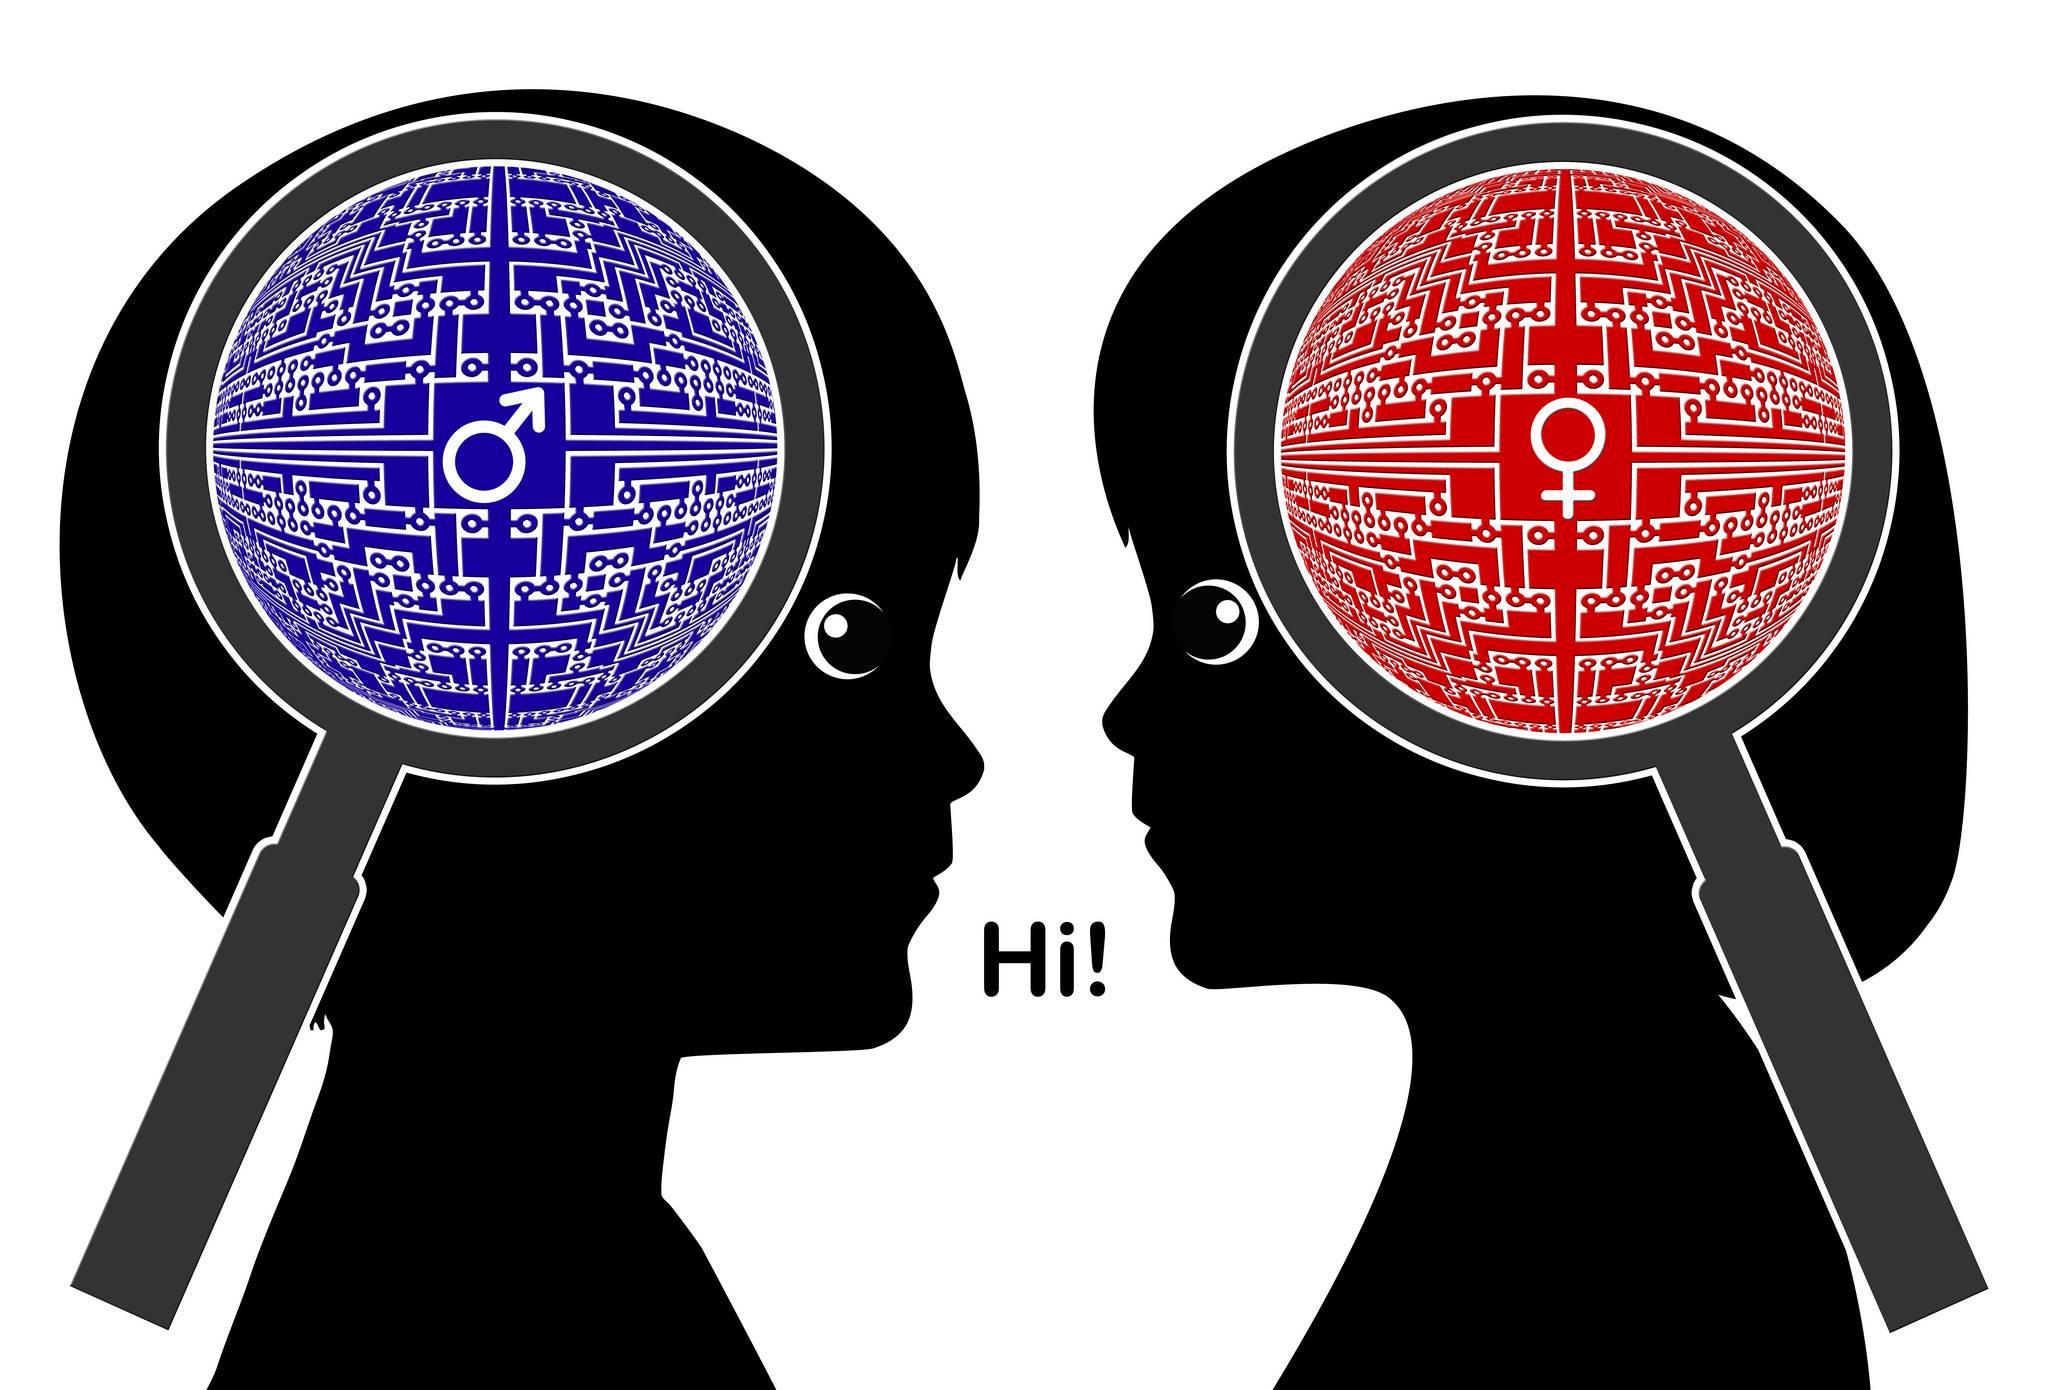 脑机接口,脑机接口,芯片,AR,机械臂,人工智能